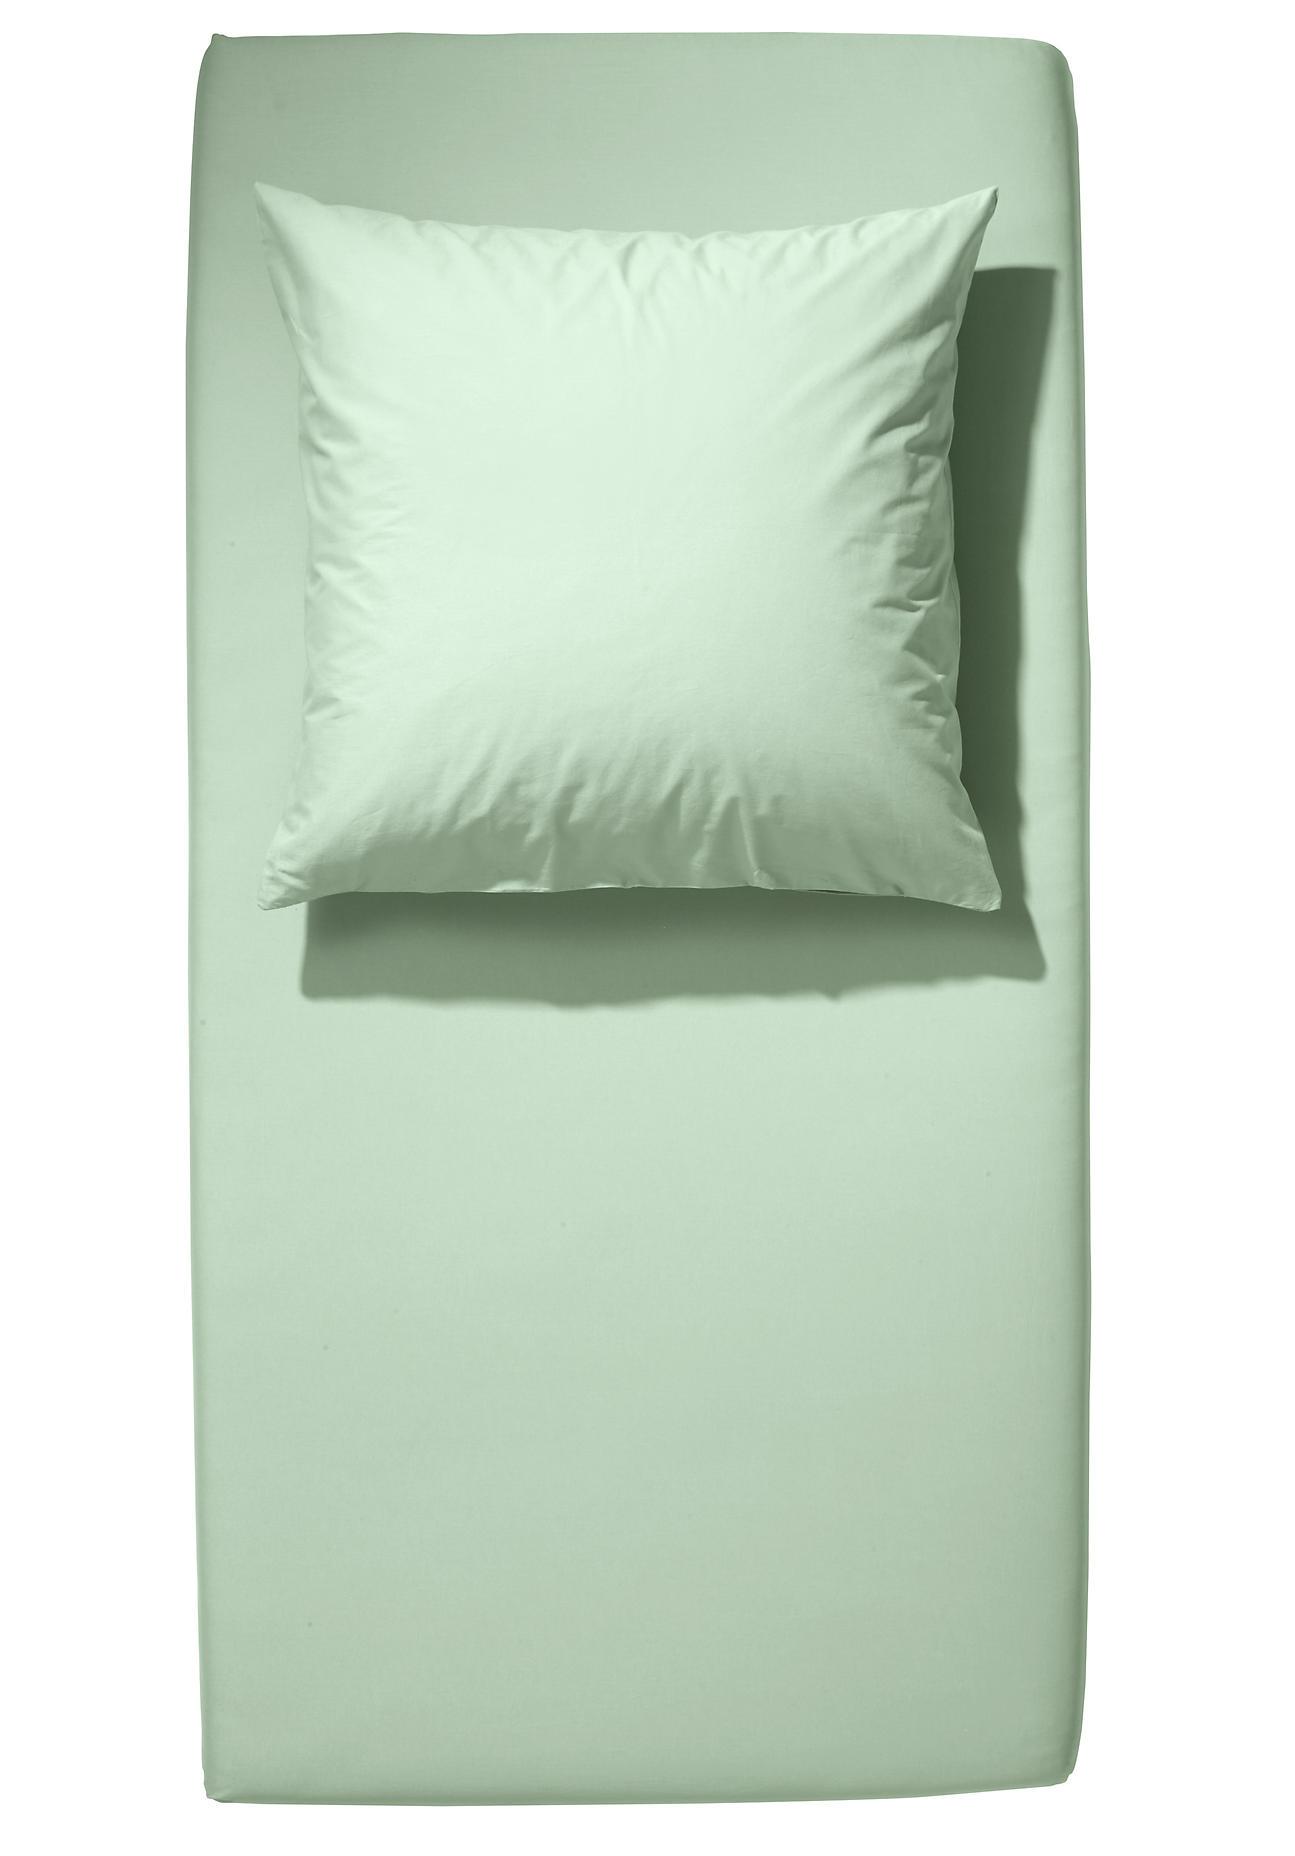 Image of hessnatur Baby Kinder Jersey-Spannbettlaken aus Bio-Baumwolle – grün – Größe 40x90 cm